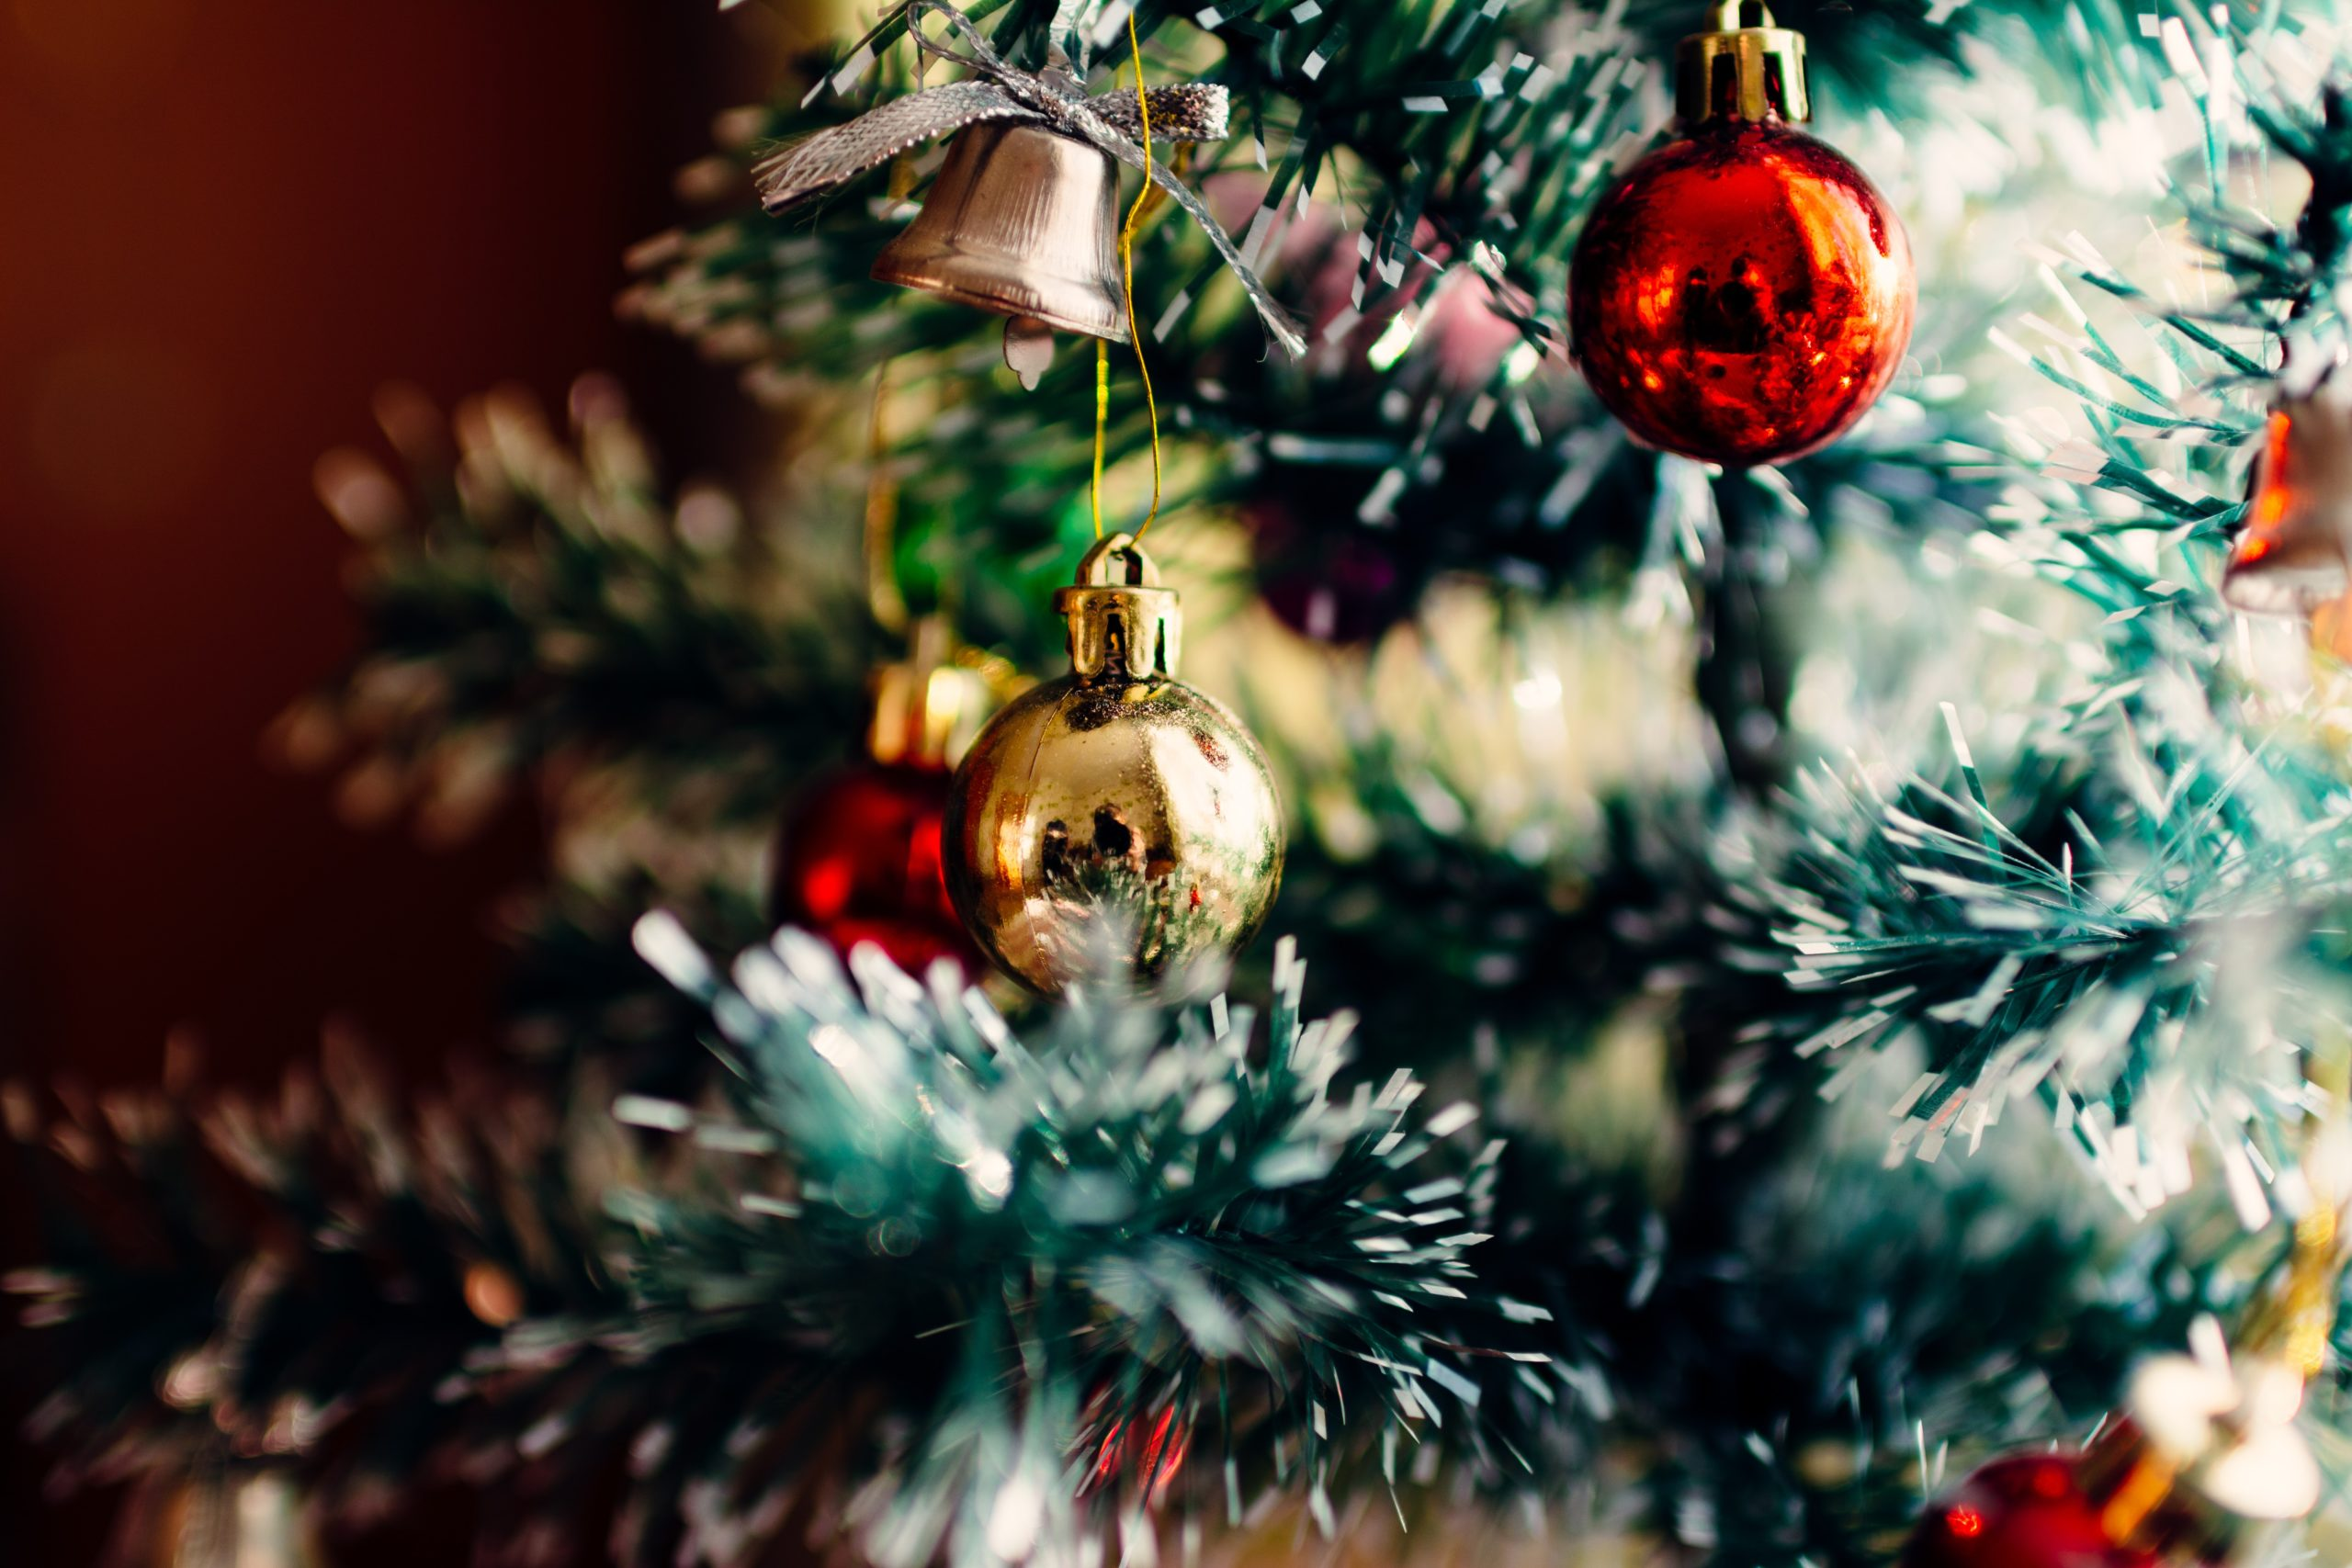 bauble balls hang on christmas tree